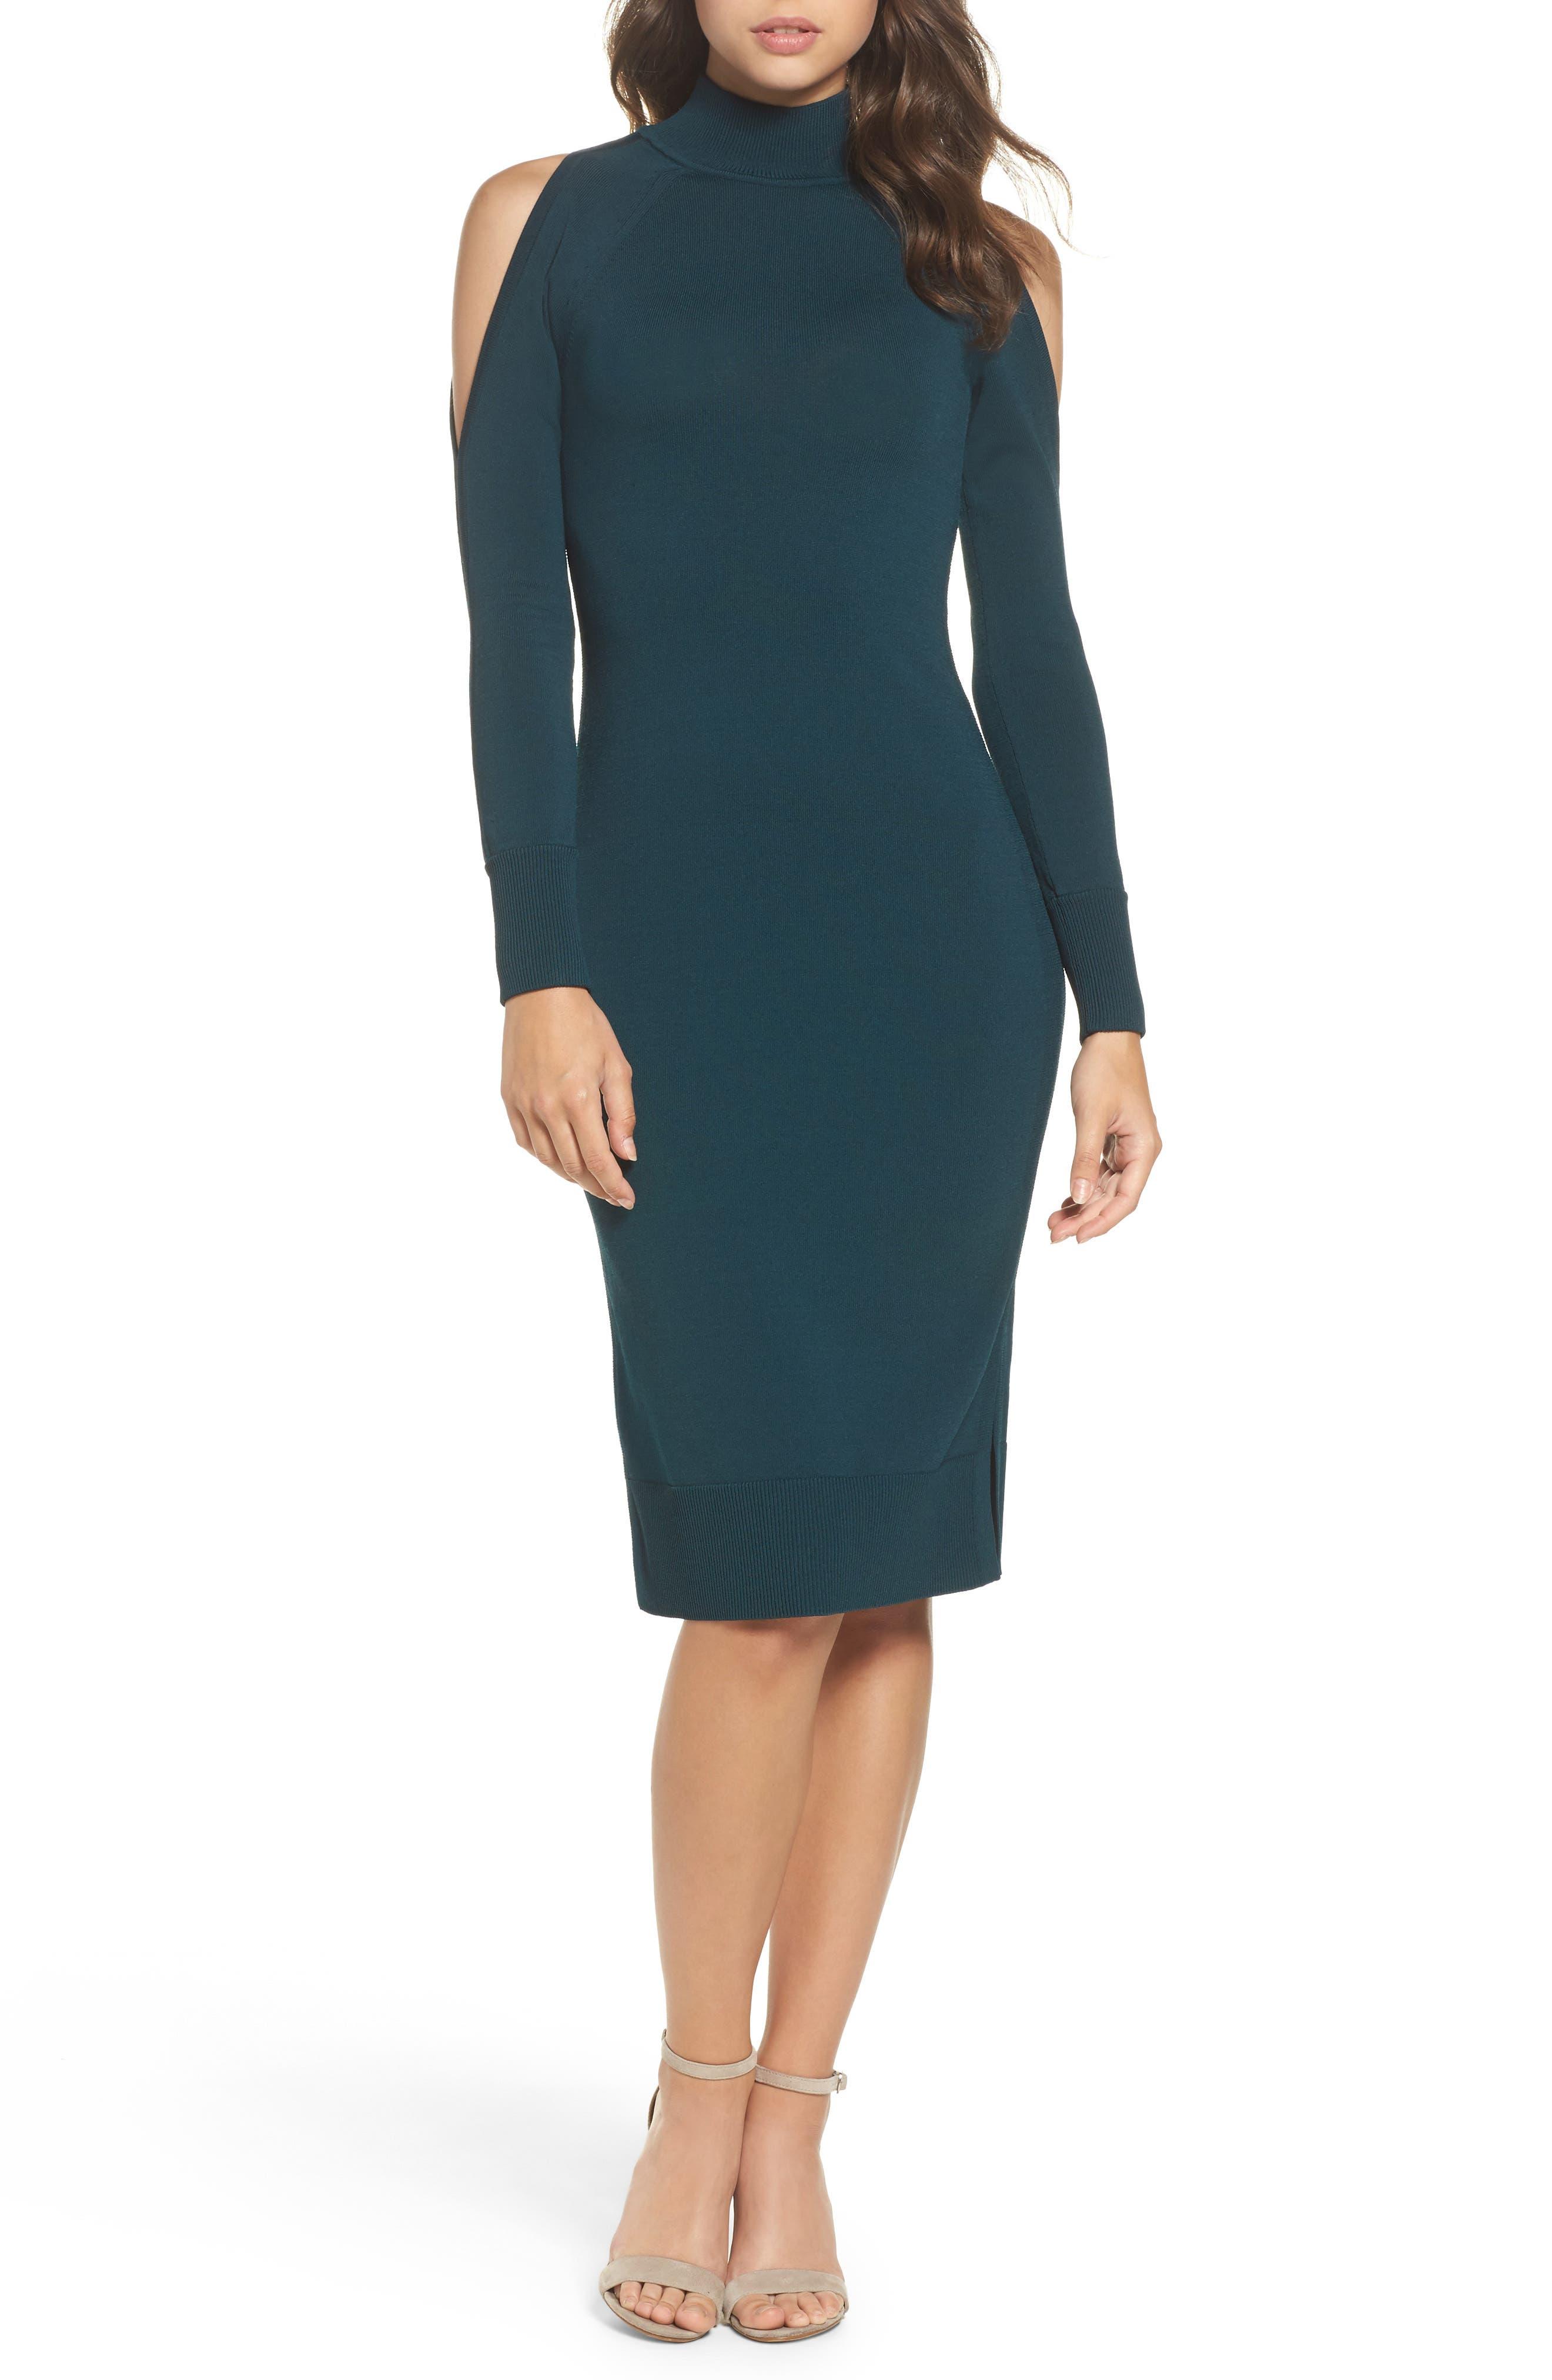 Main Image - Vince Camuto Cold Shoulder Turtleneck Dress